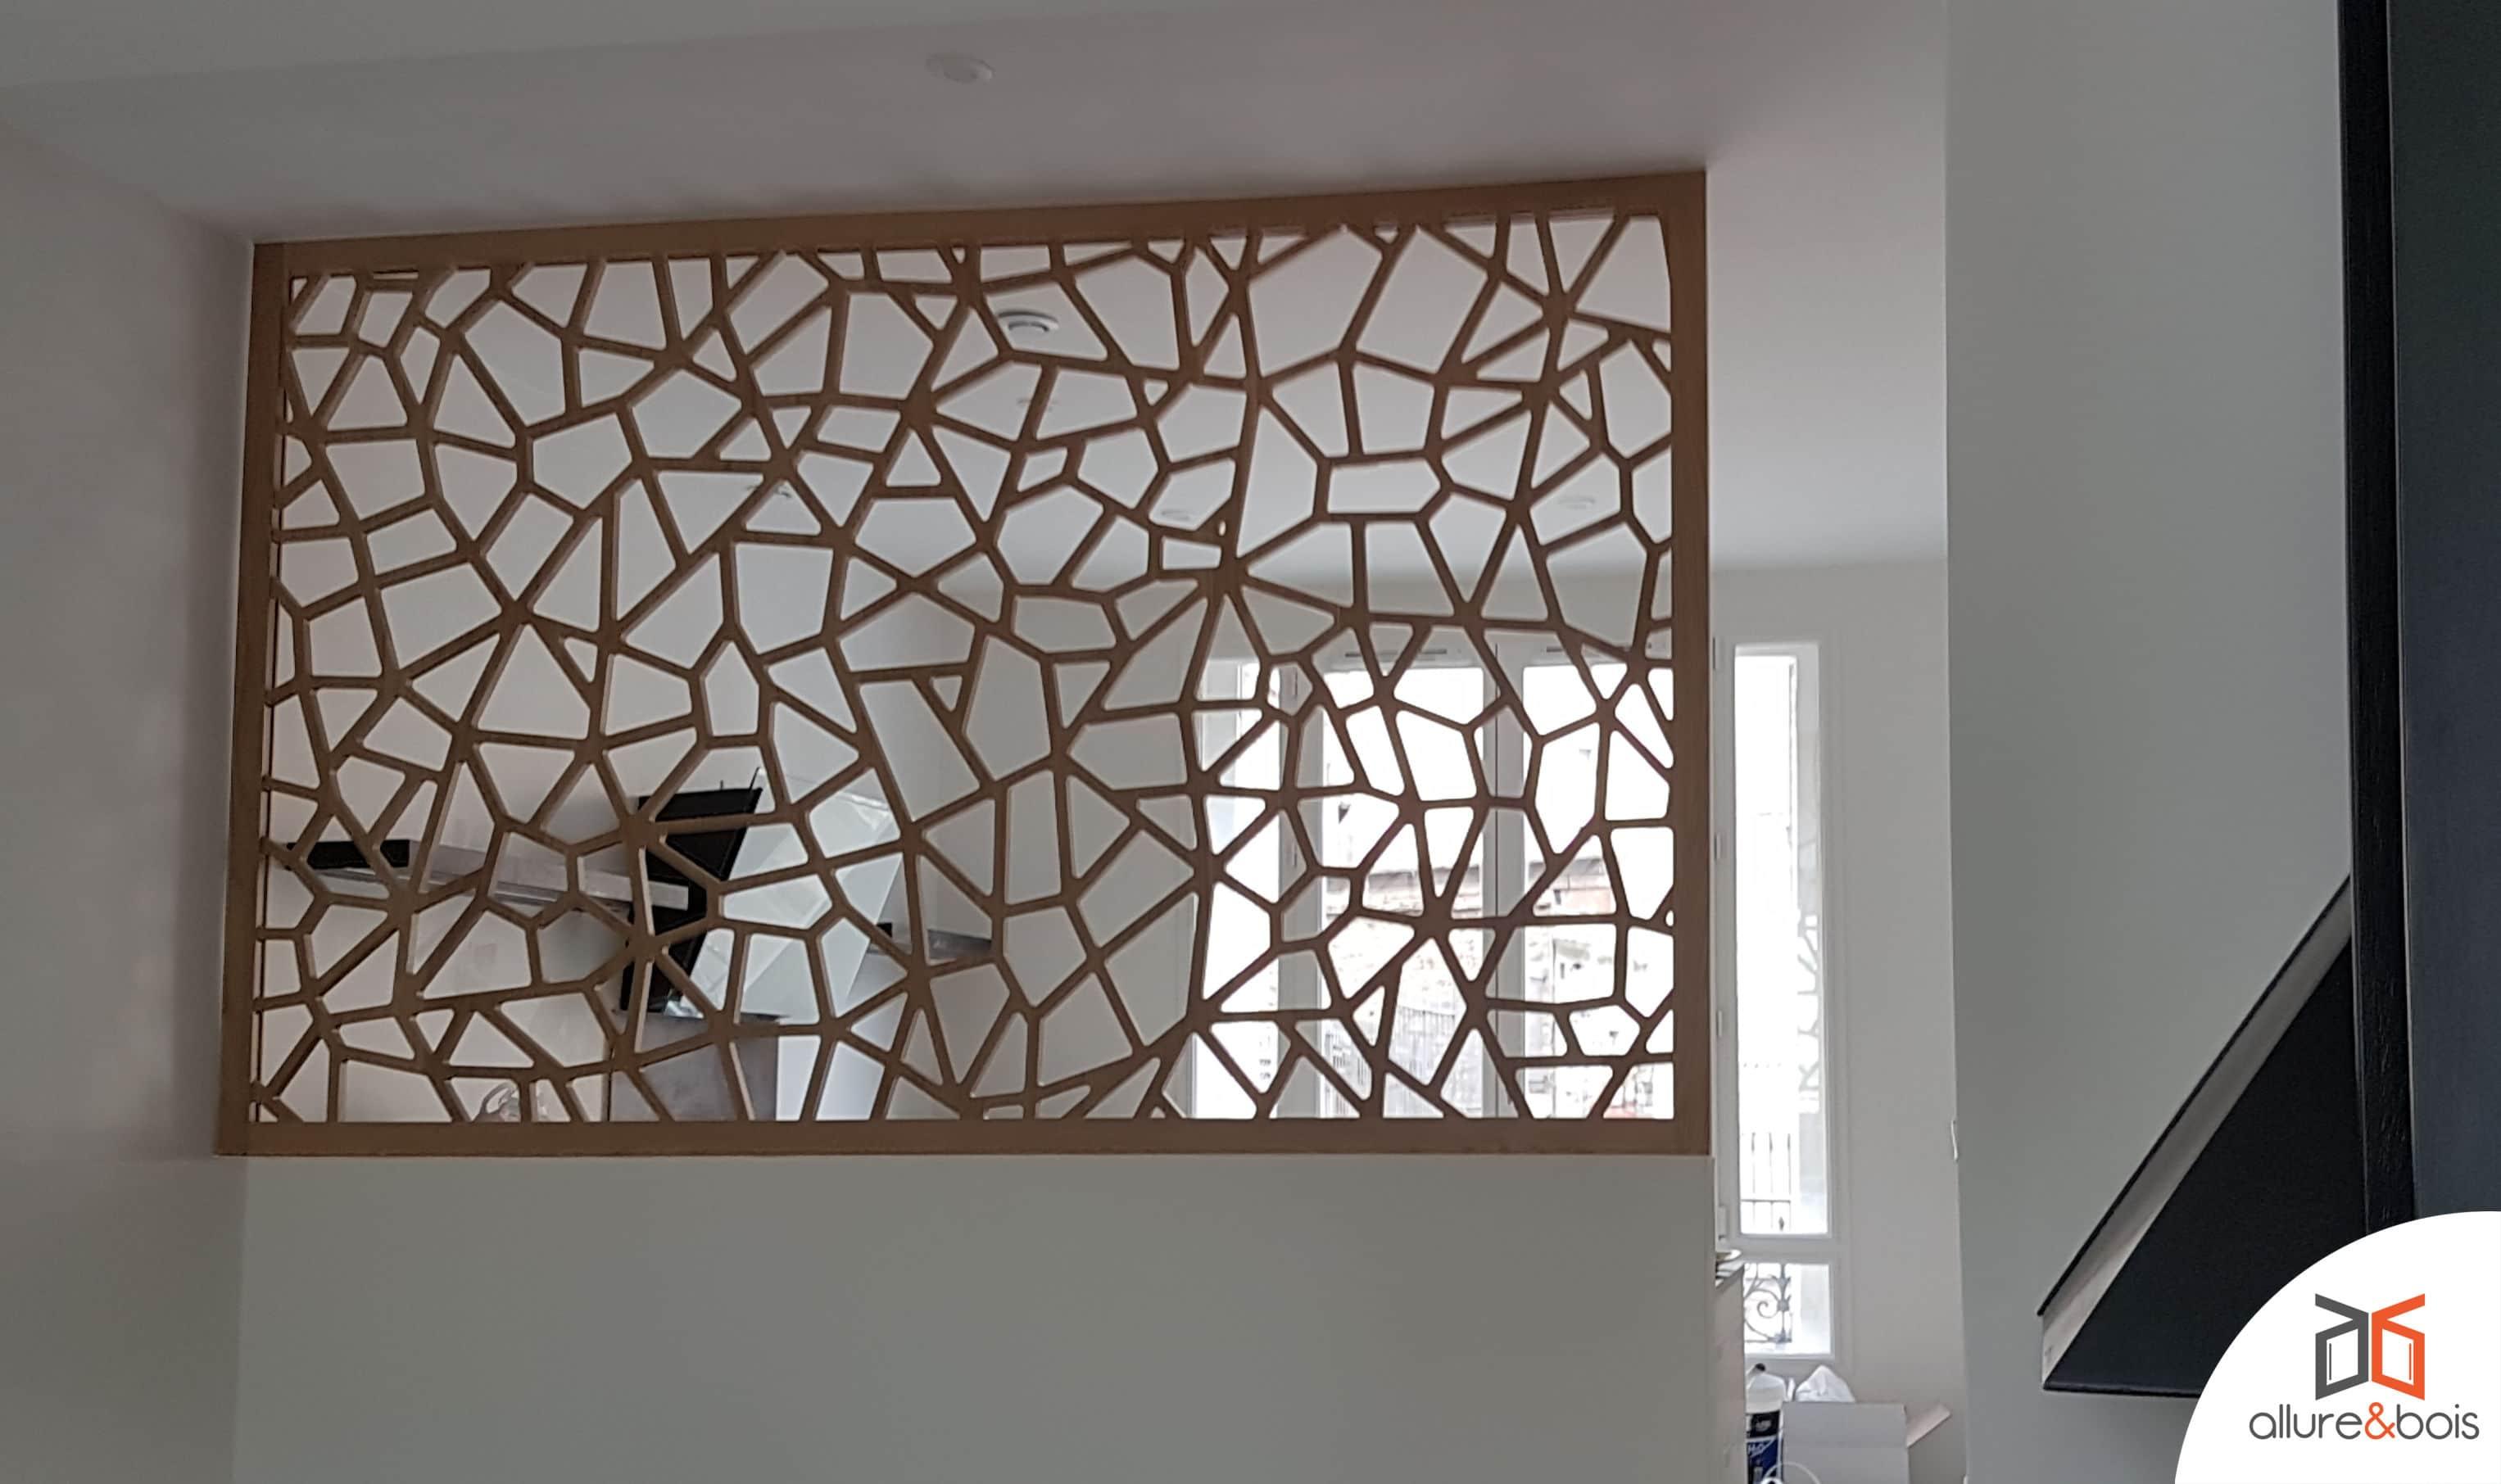 Claustra contemporain en bois au motif aléatoire